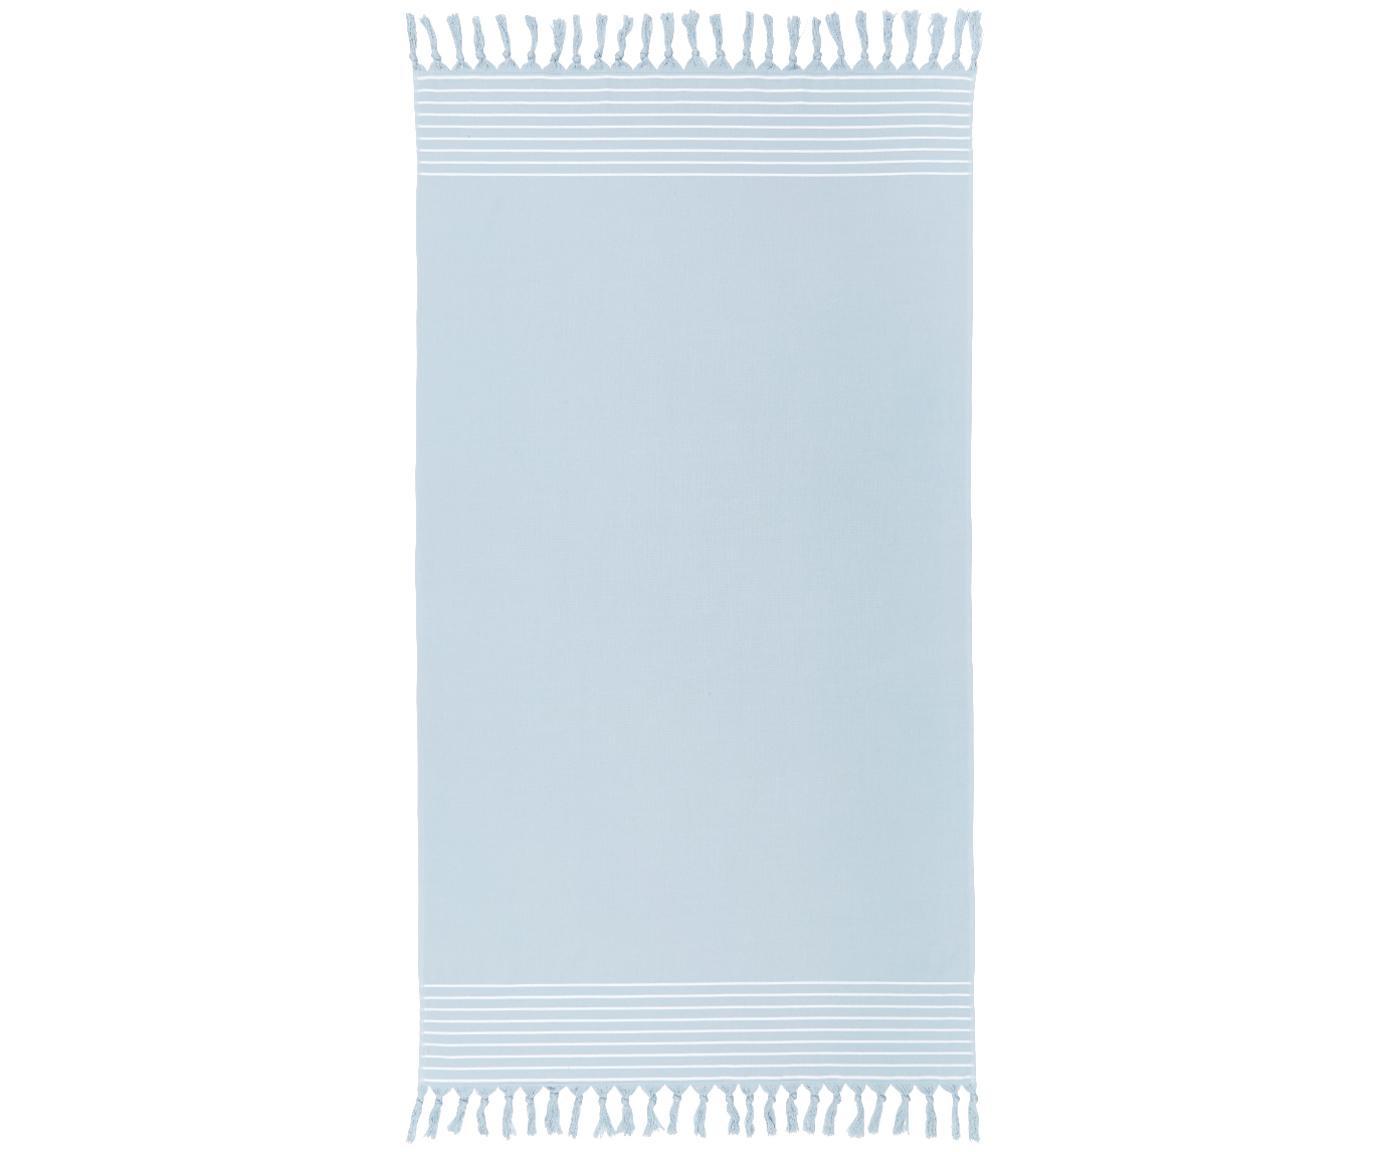 Telo fouta con retro in spugna Freddy, Retro: spugna, Azzurro, Larg. 100 x Lung. 180 cm